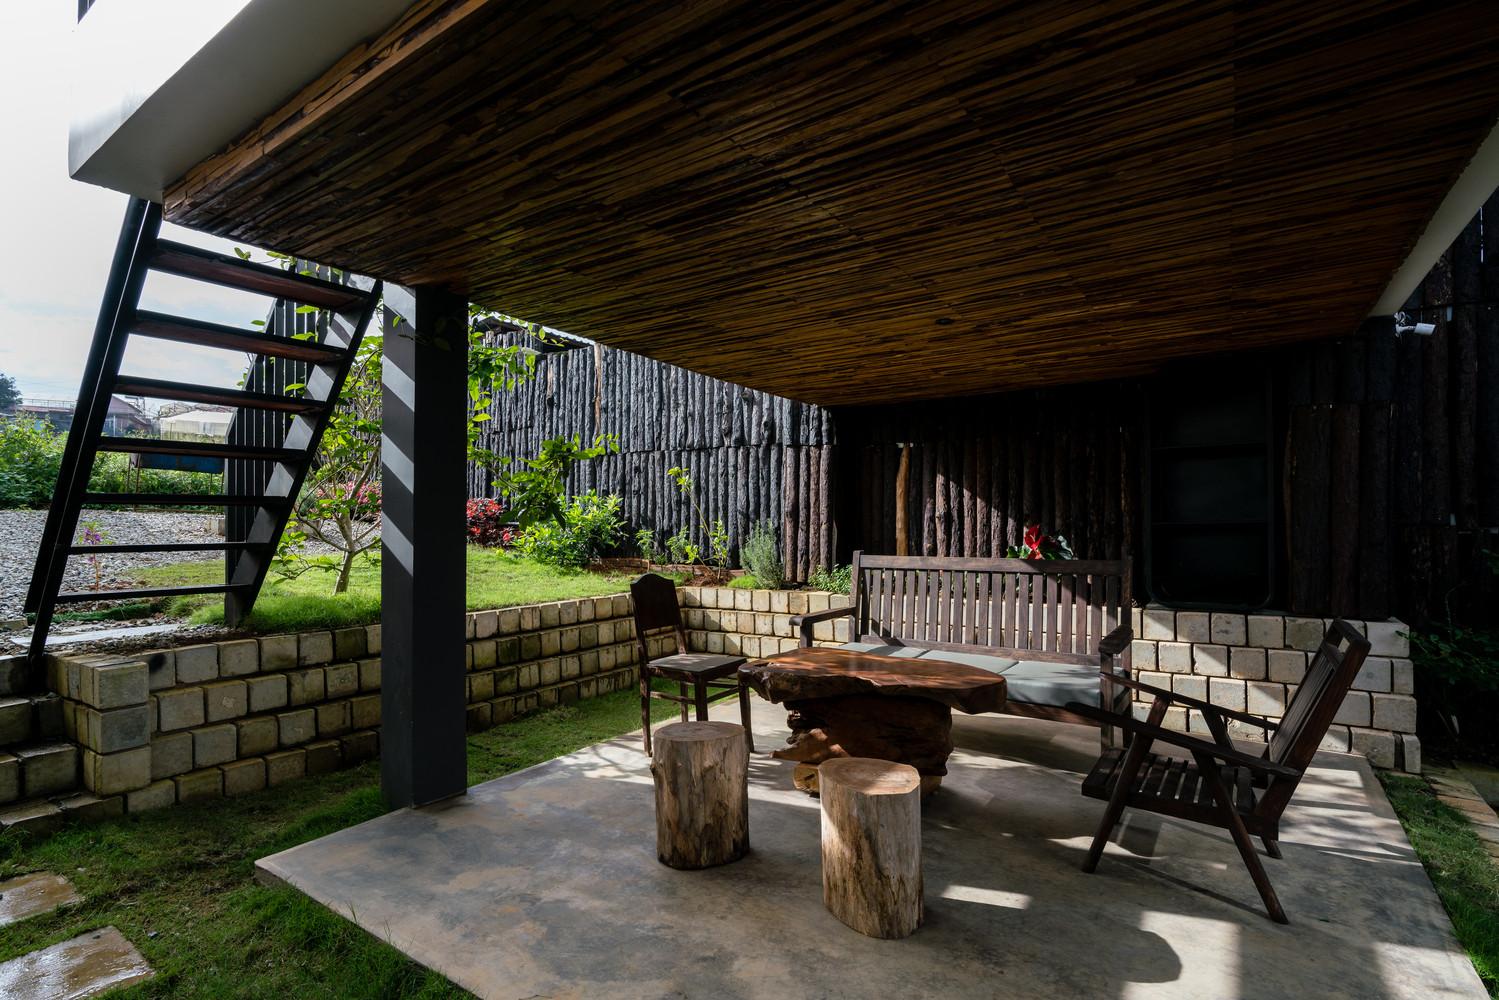 """Bàn uống nước làm từ thân cây, đặt ở nơi đón nắng, đón gió giúp du khách có thể tận hưởng không khí """"rất Đà Lạt"""""""